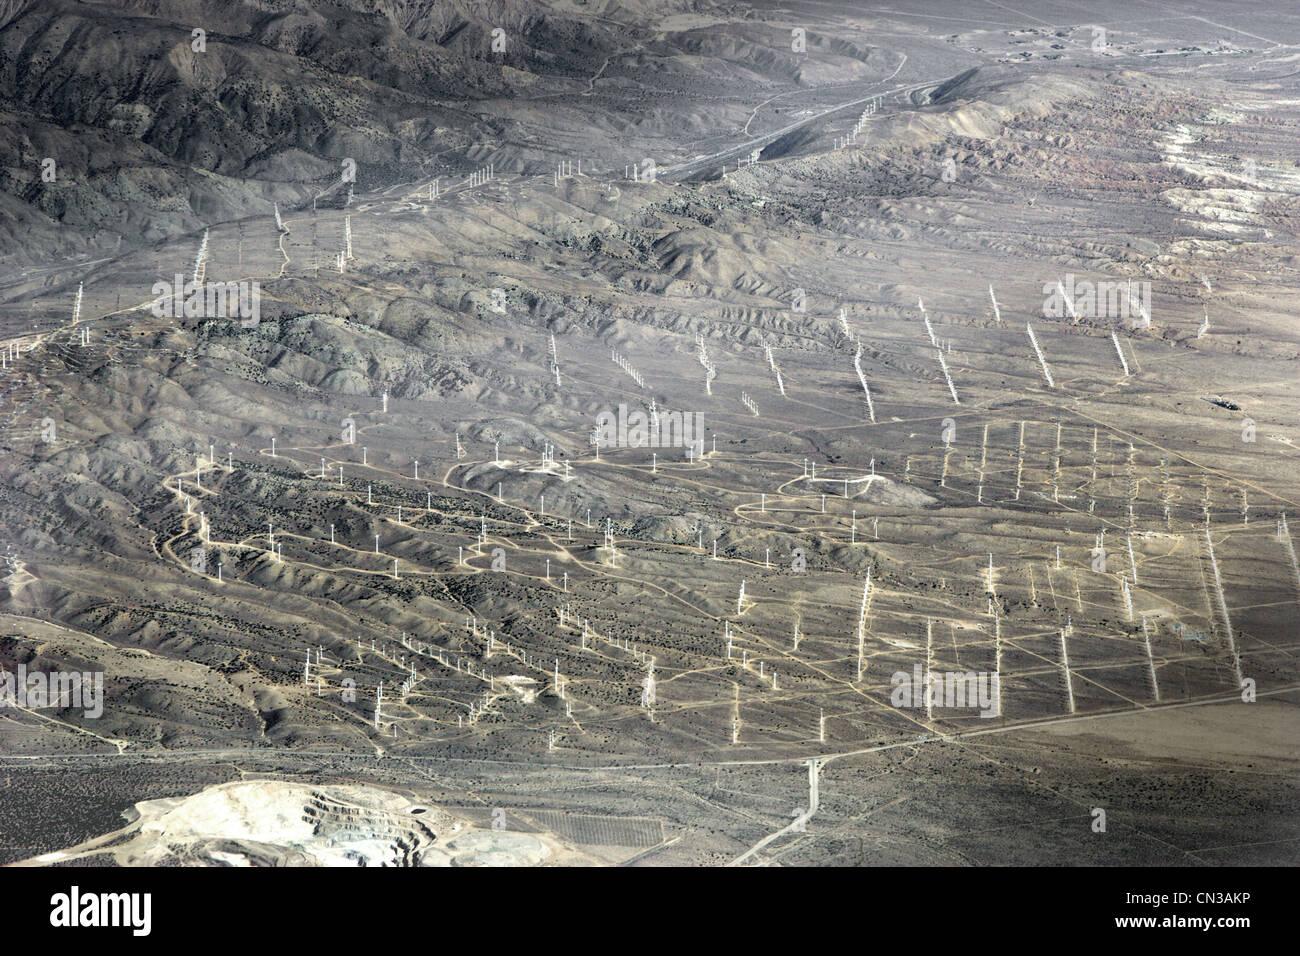 Luftaufnahme des Windparks in Wüste, Kalifornien, USA Stockbild